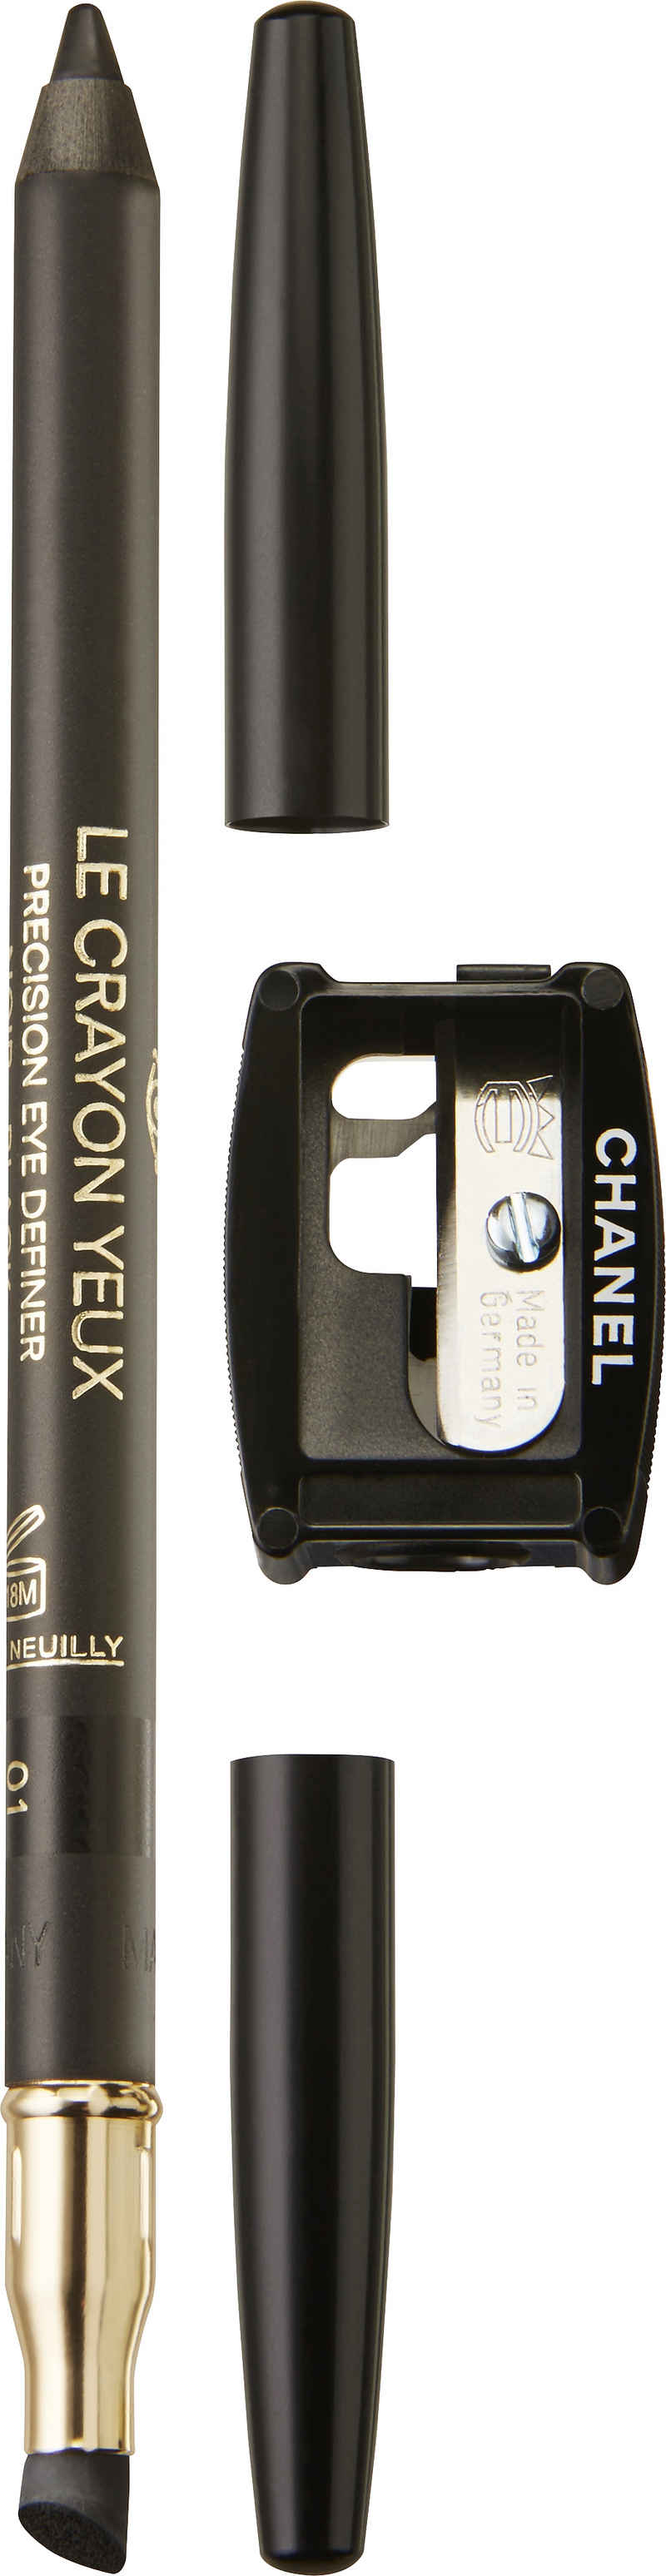 CHANEL Kajal »Le Crayon Yeux«, Mit Vitamin-E-Derivat